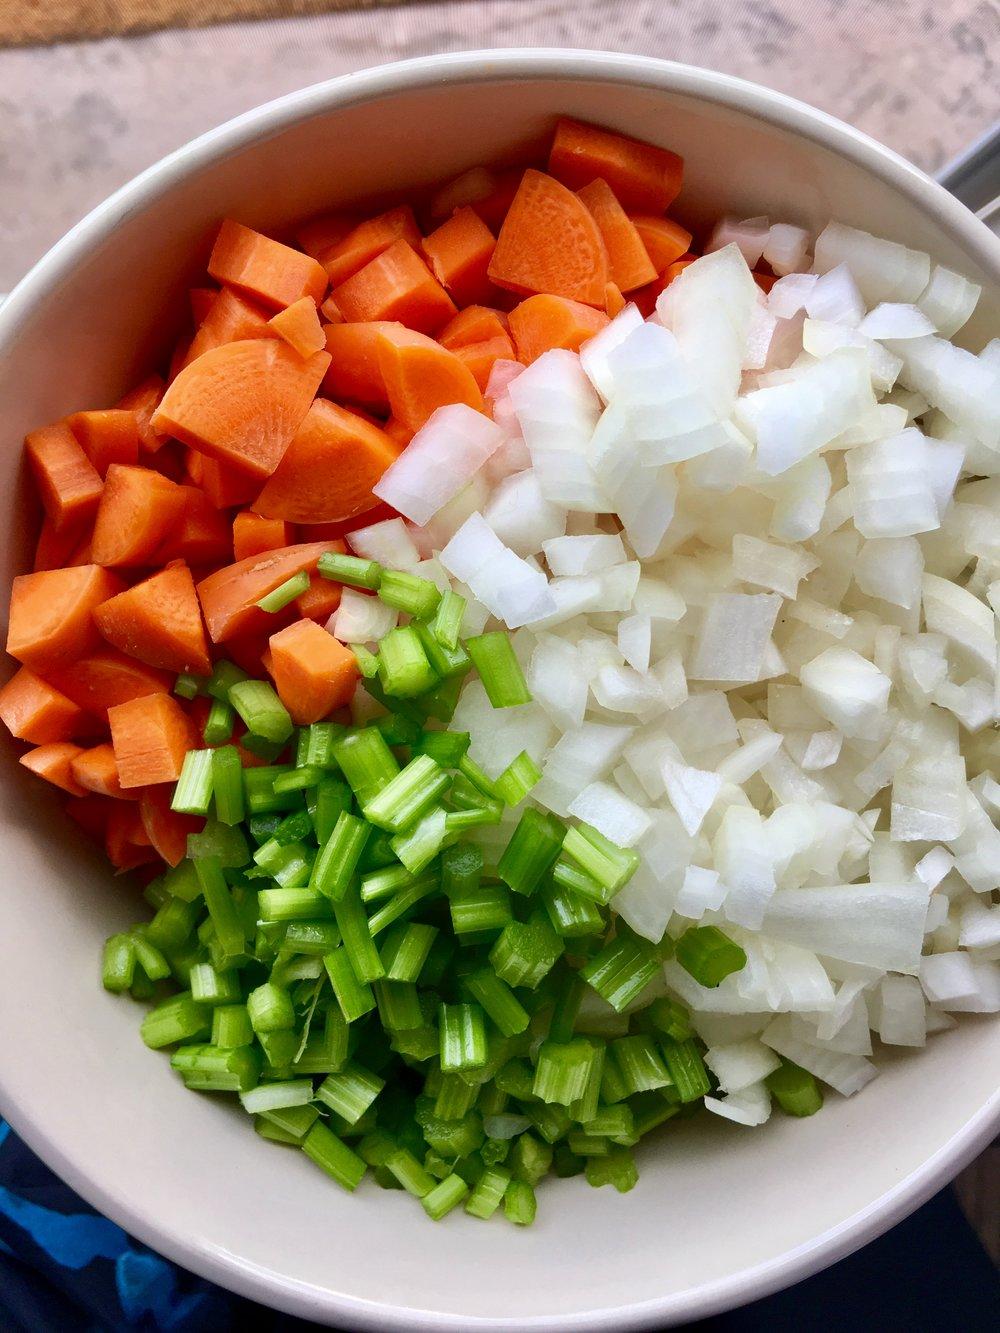 Mirepoix (carrot, celery & carrot)